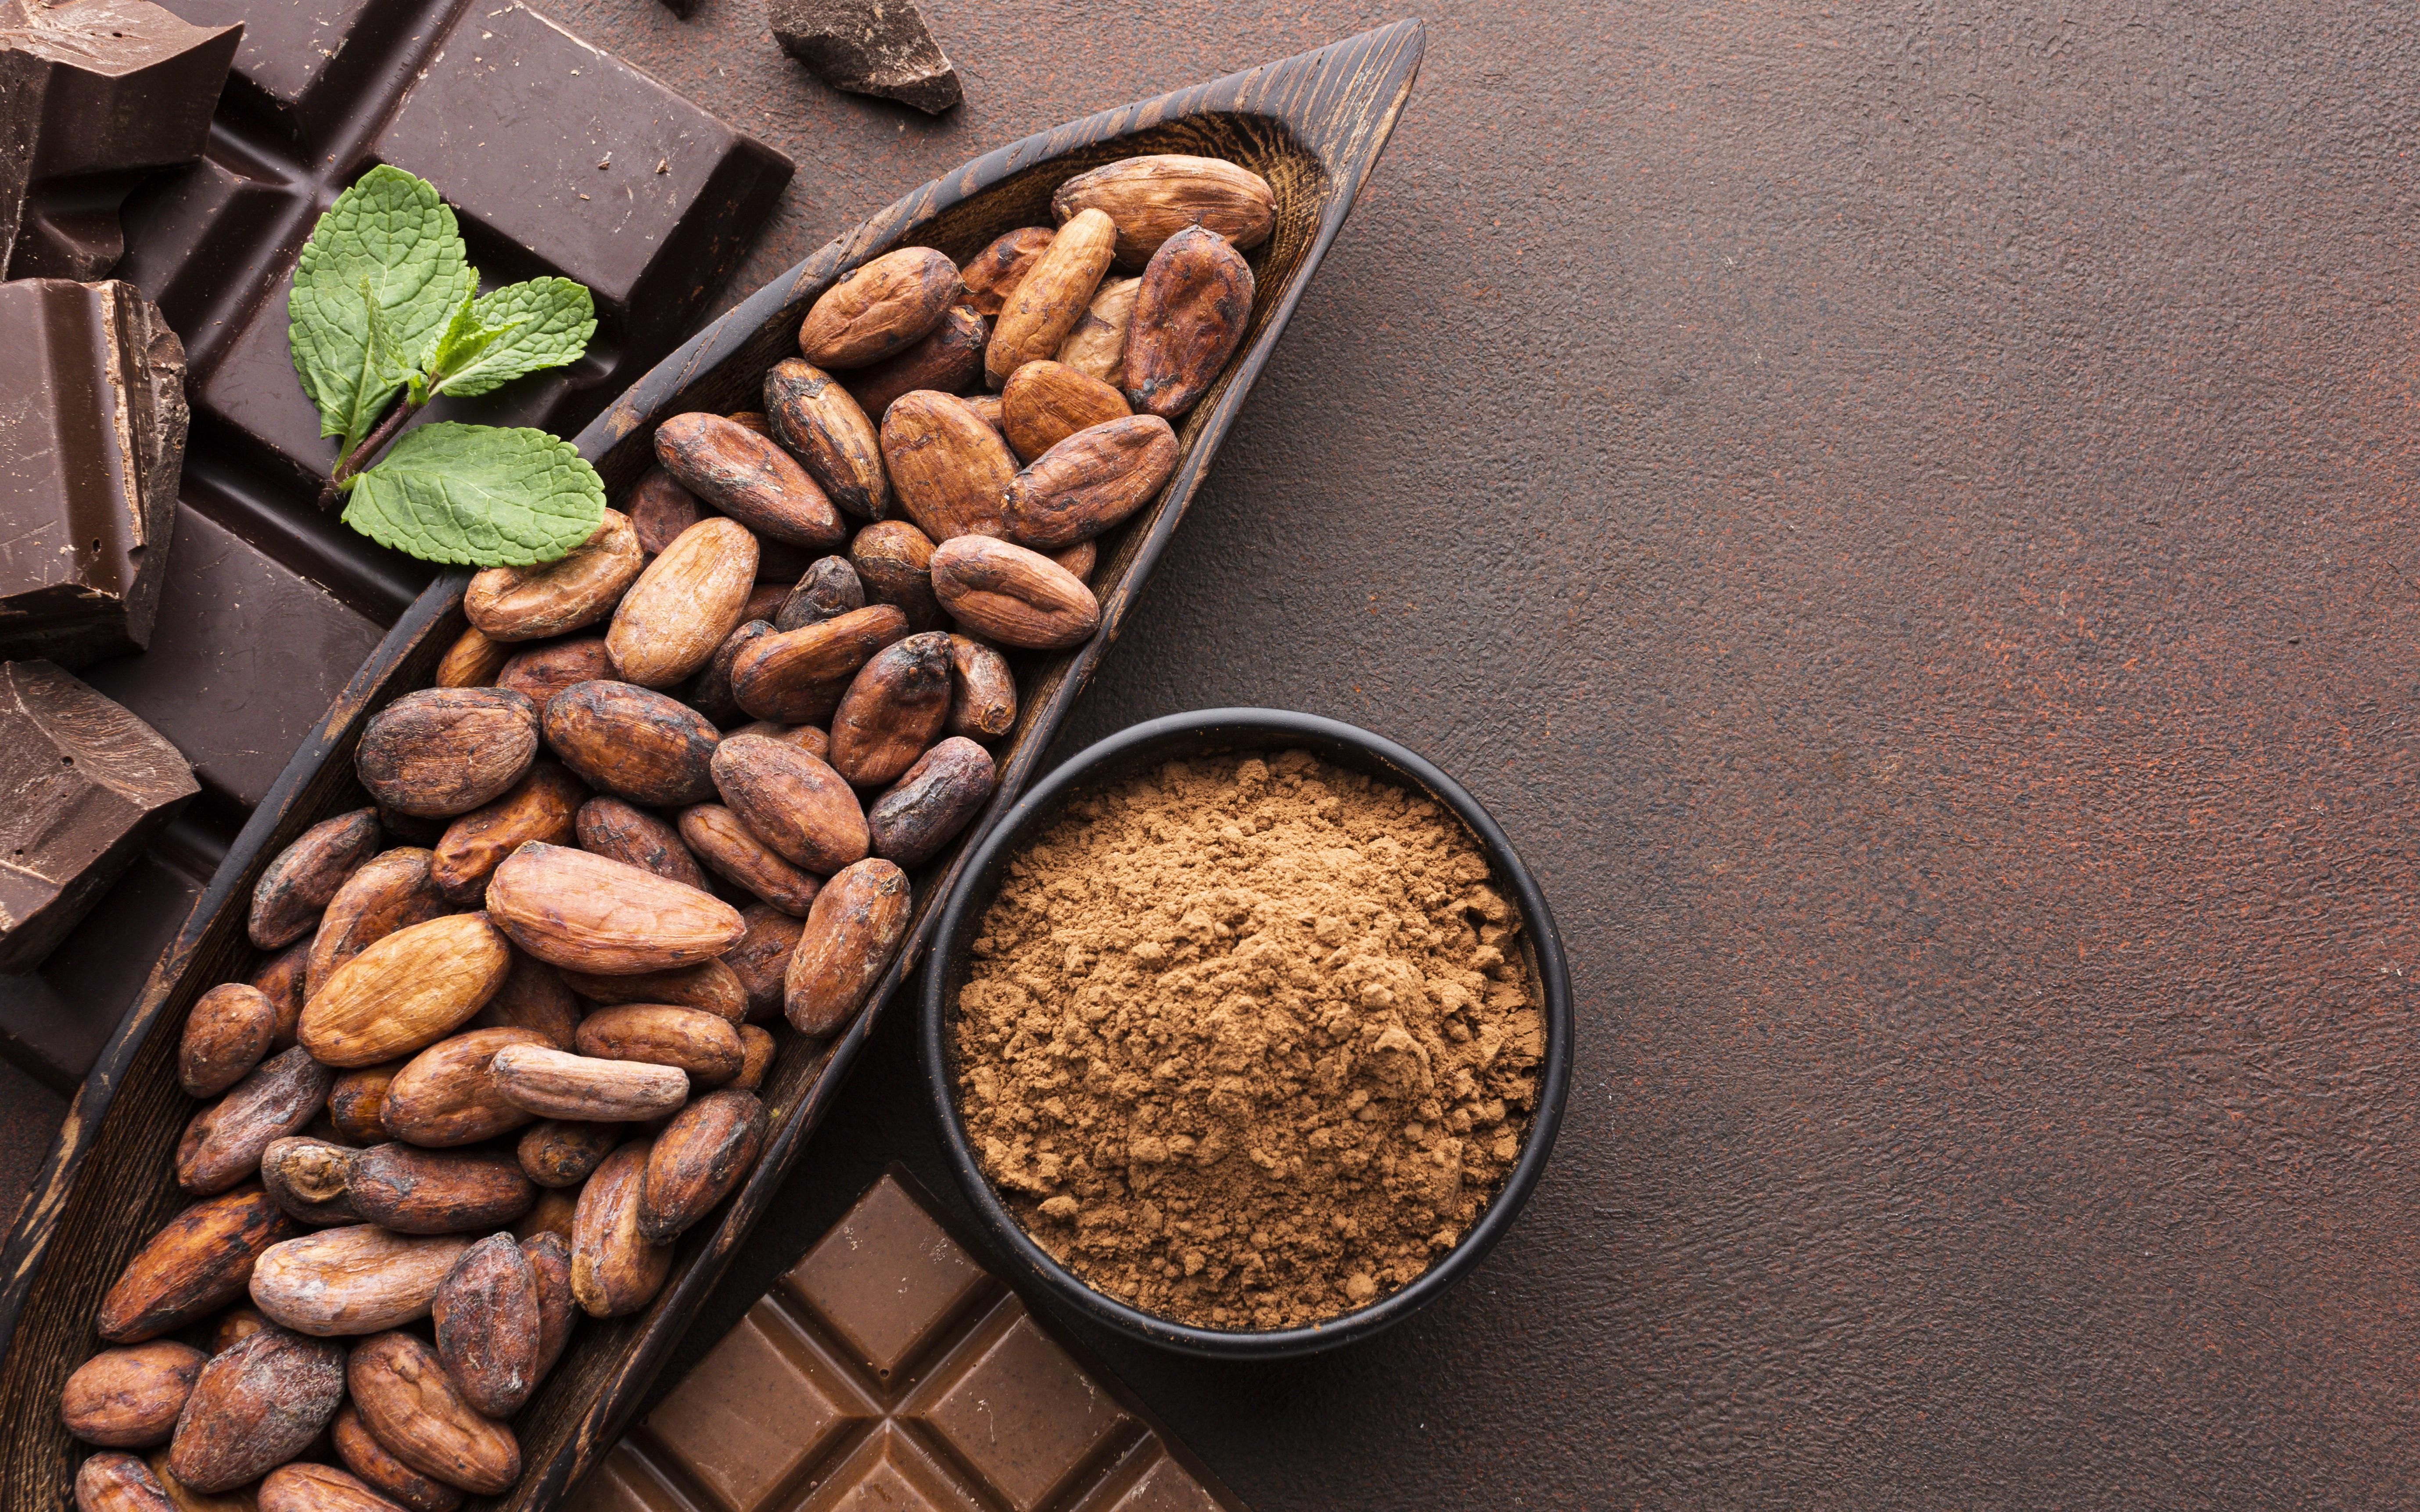 Obtención  de productos nutraceúticos a través de la fermentación del cacao